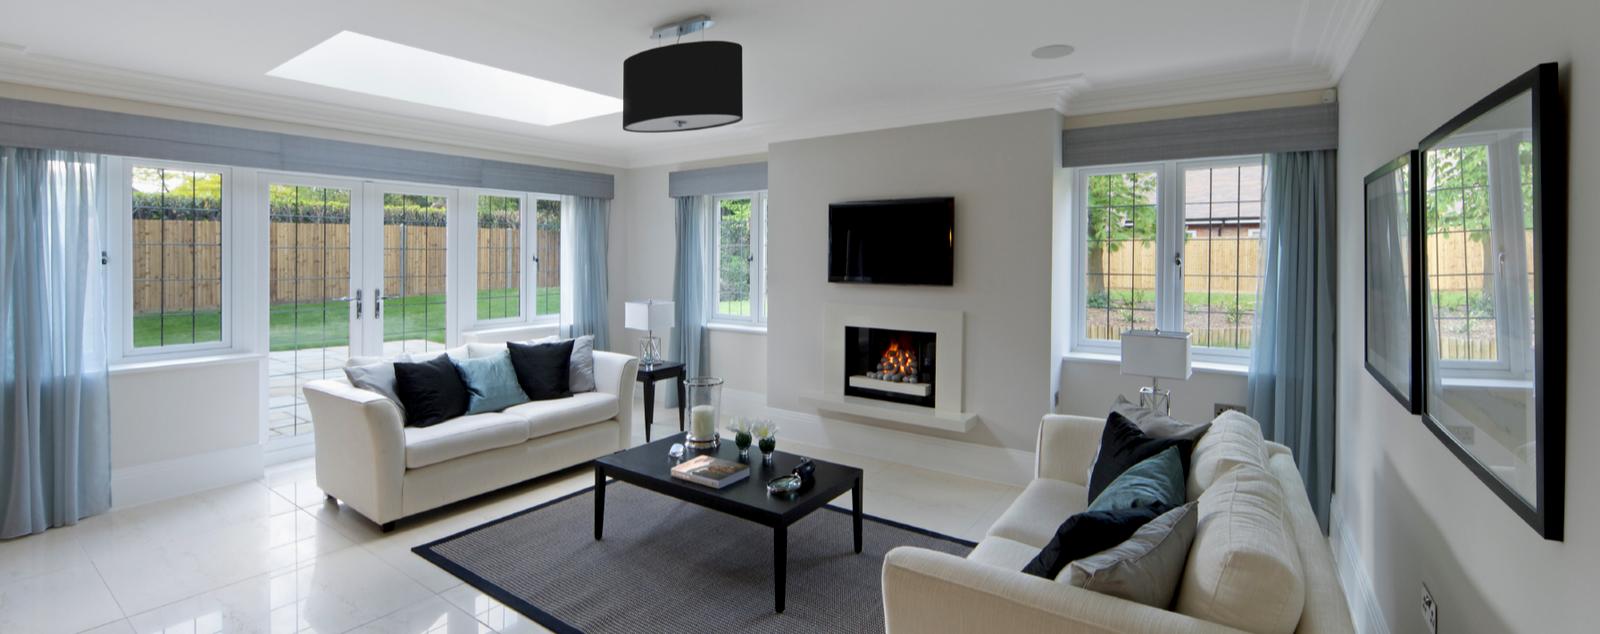 Blick in ein modern ausgestattetes Wohnzimmer